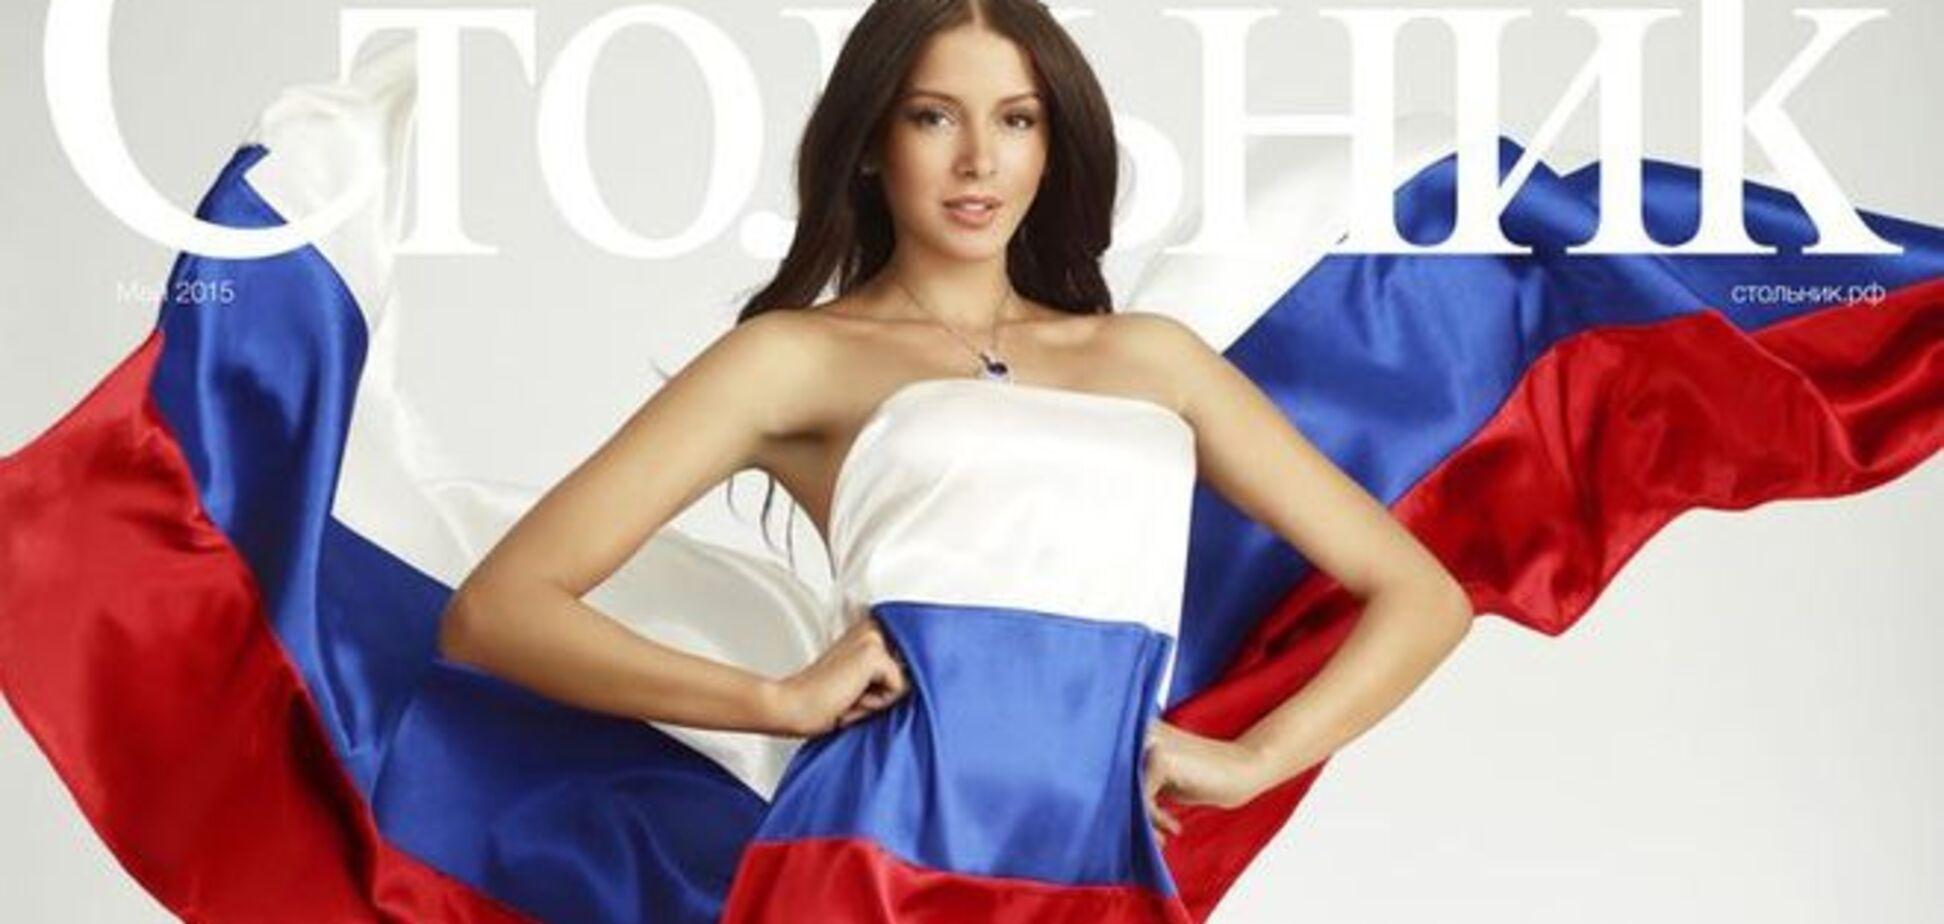 'Міс Росію-2015', яка 'осквернила' триколор, перевіряє прокуратура